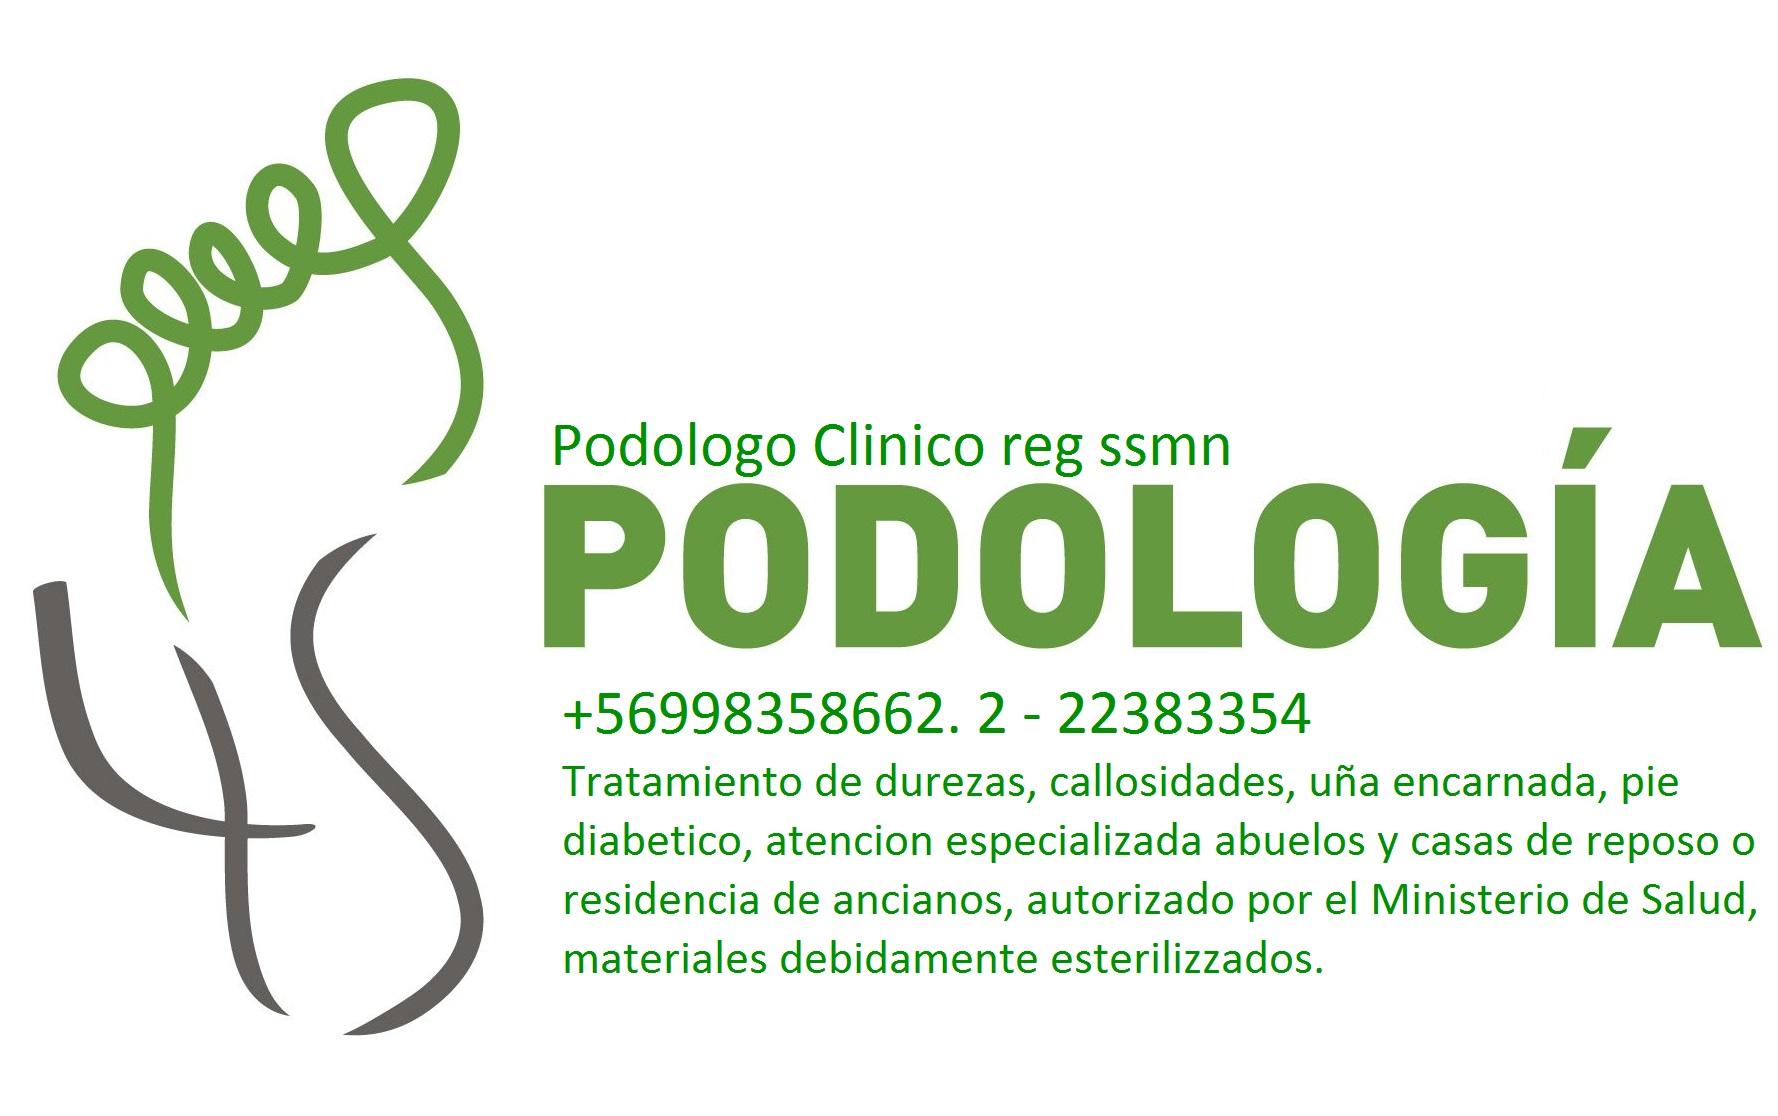 PODOLOGIA CLINICA Las Condes +56998358662